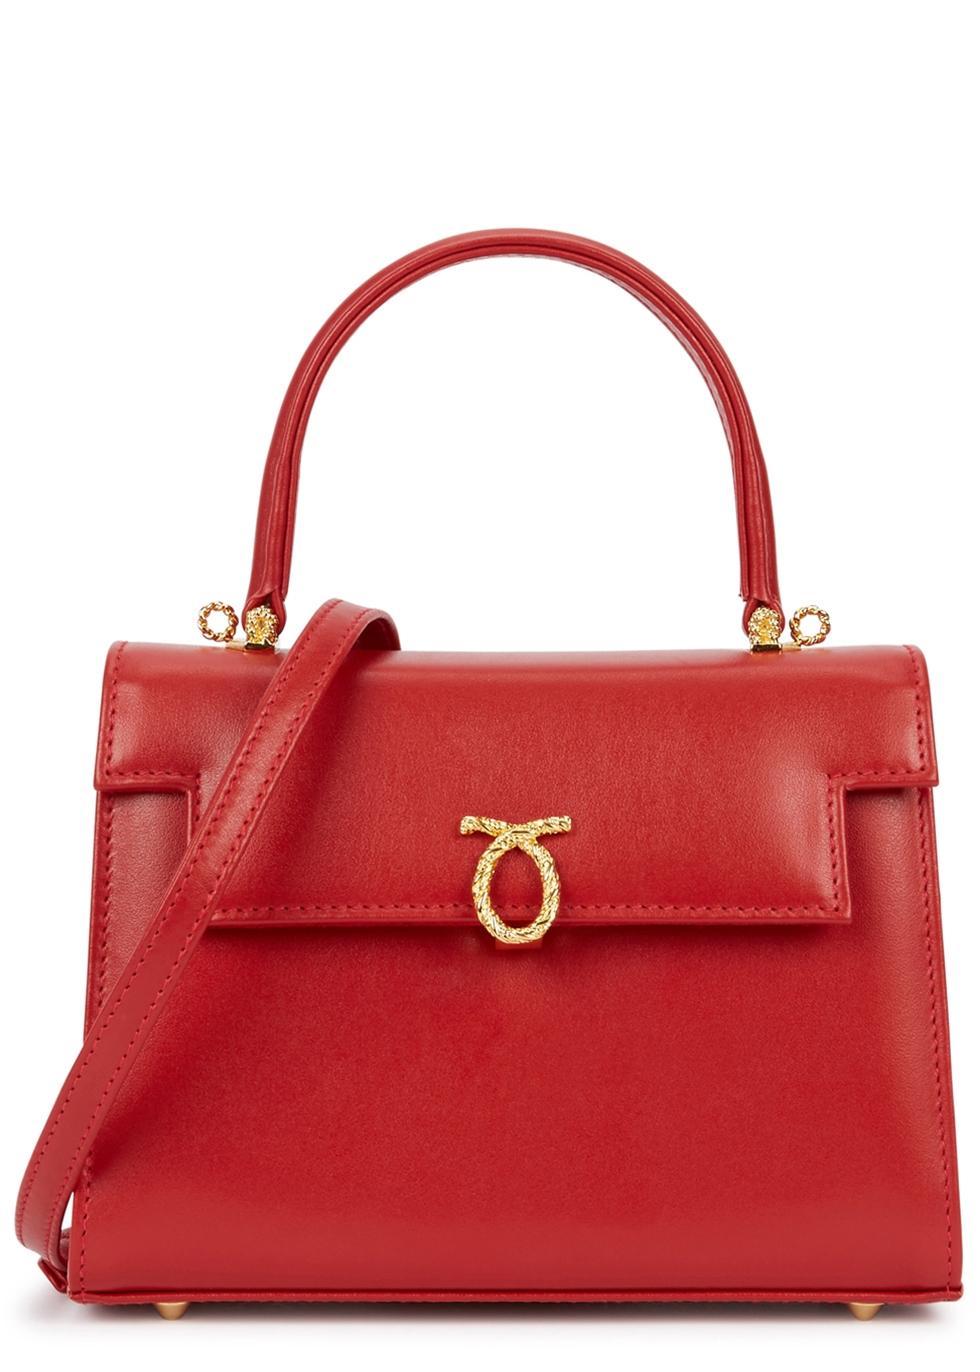 LAUNER Viola Red Leather Shoulder Bag